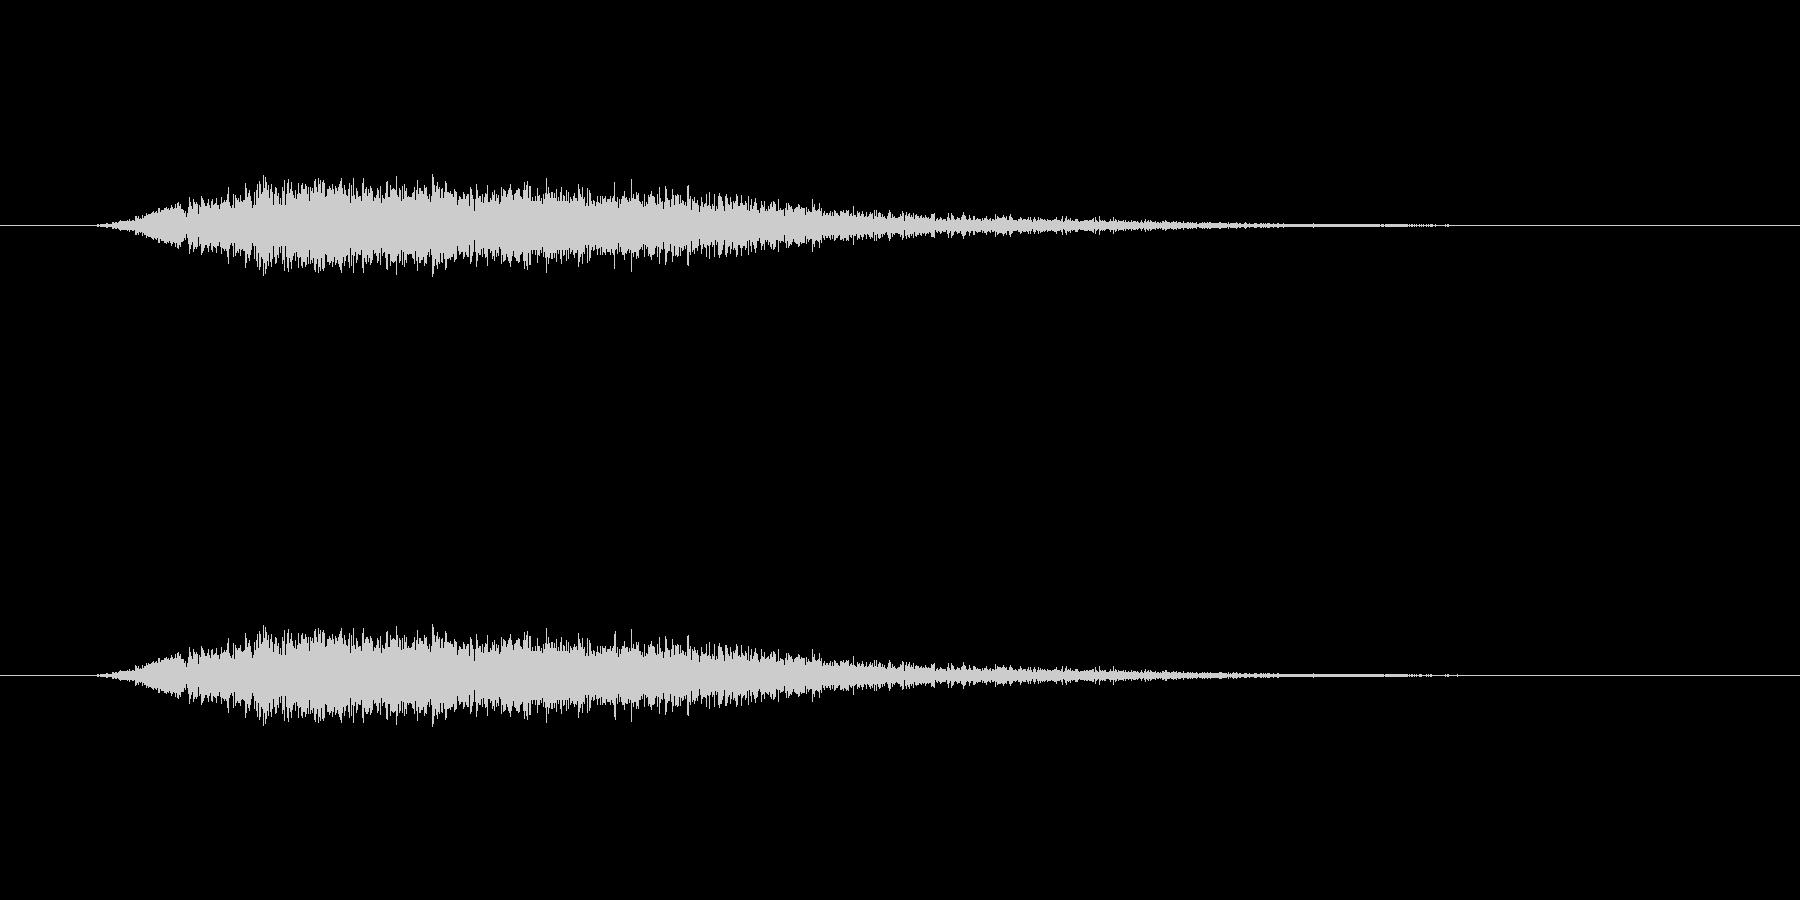 【風 合成02-4】の未再生の波形